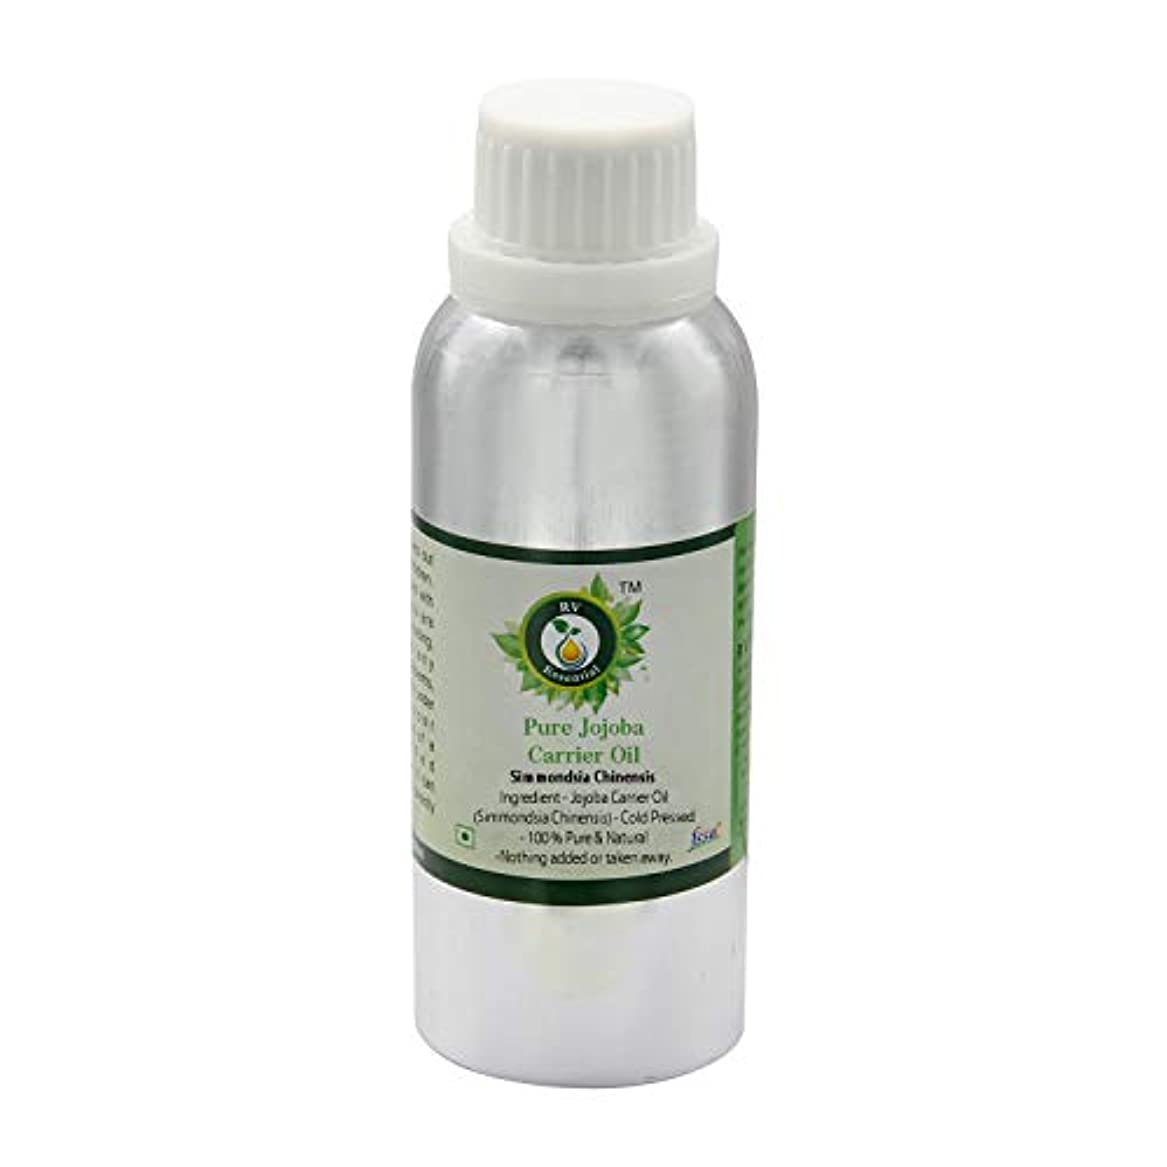 未来実証するゴールデンR V Essential ピュアホホバキャリアオイル630ml (21oz)- Simmondsia Chinensis (100%ピュア&ナチュラルコールドPressed) Pure Jojoba Carrier Oil